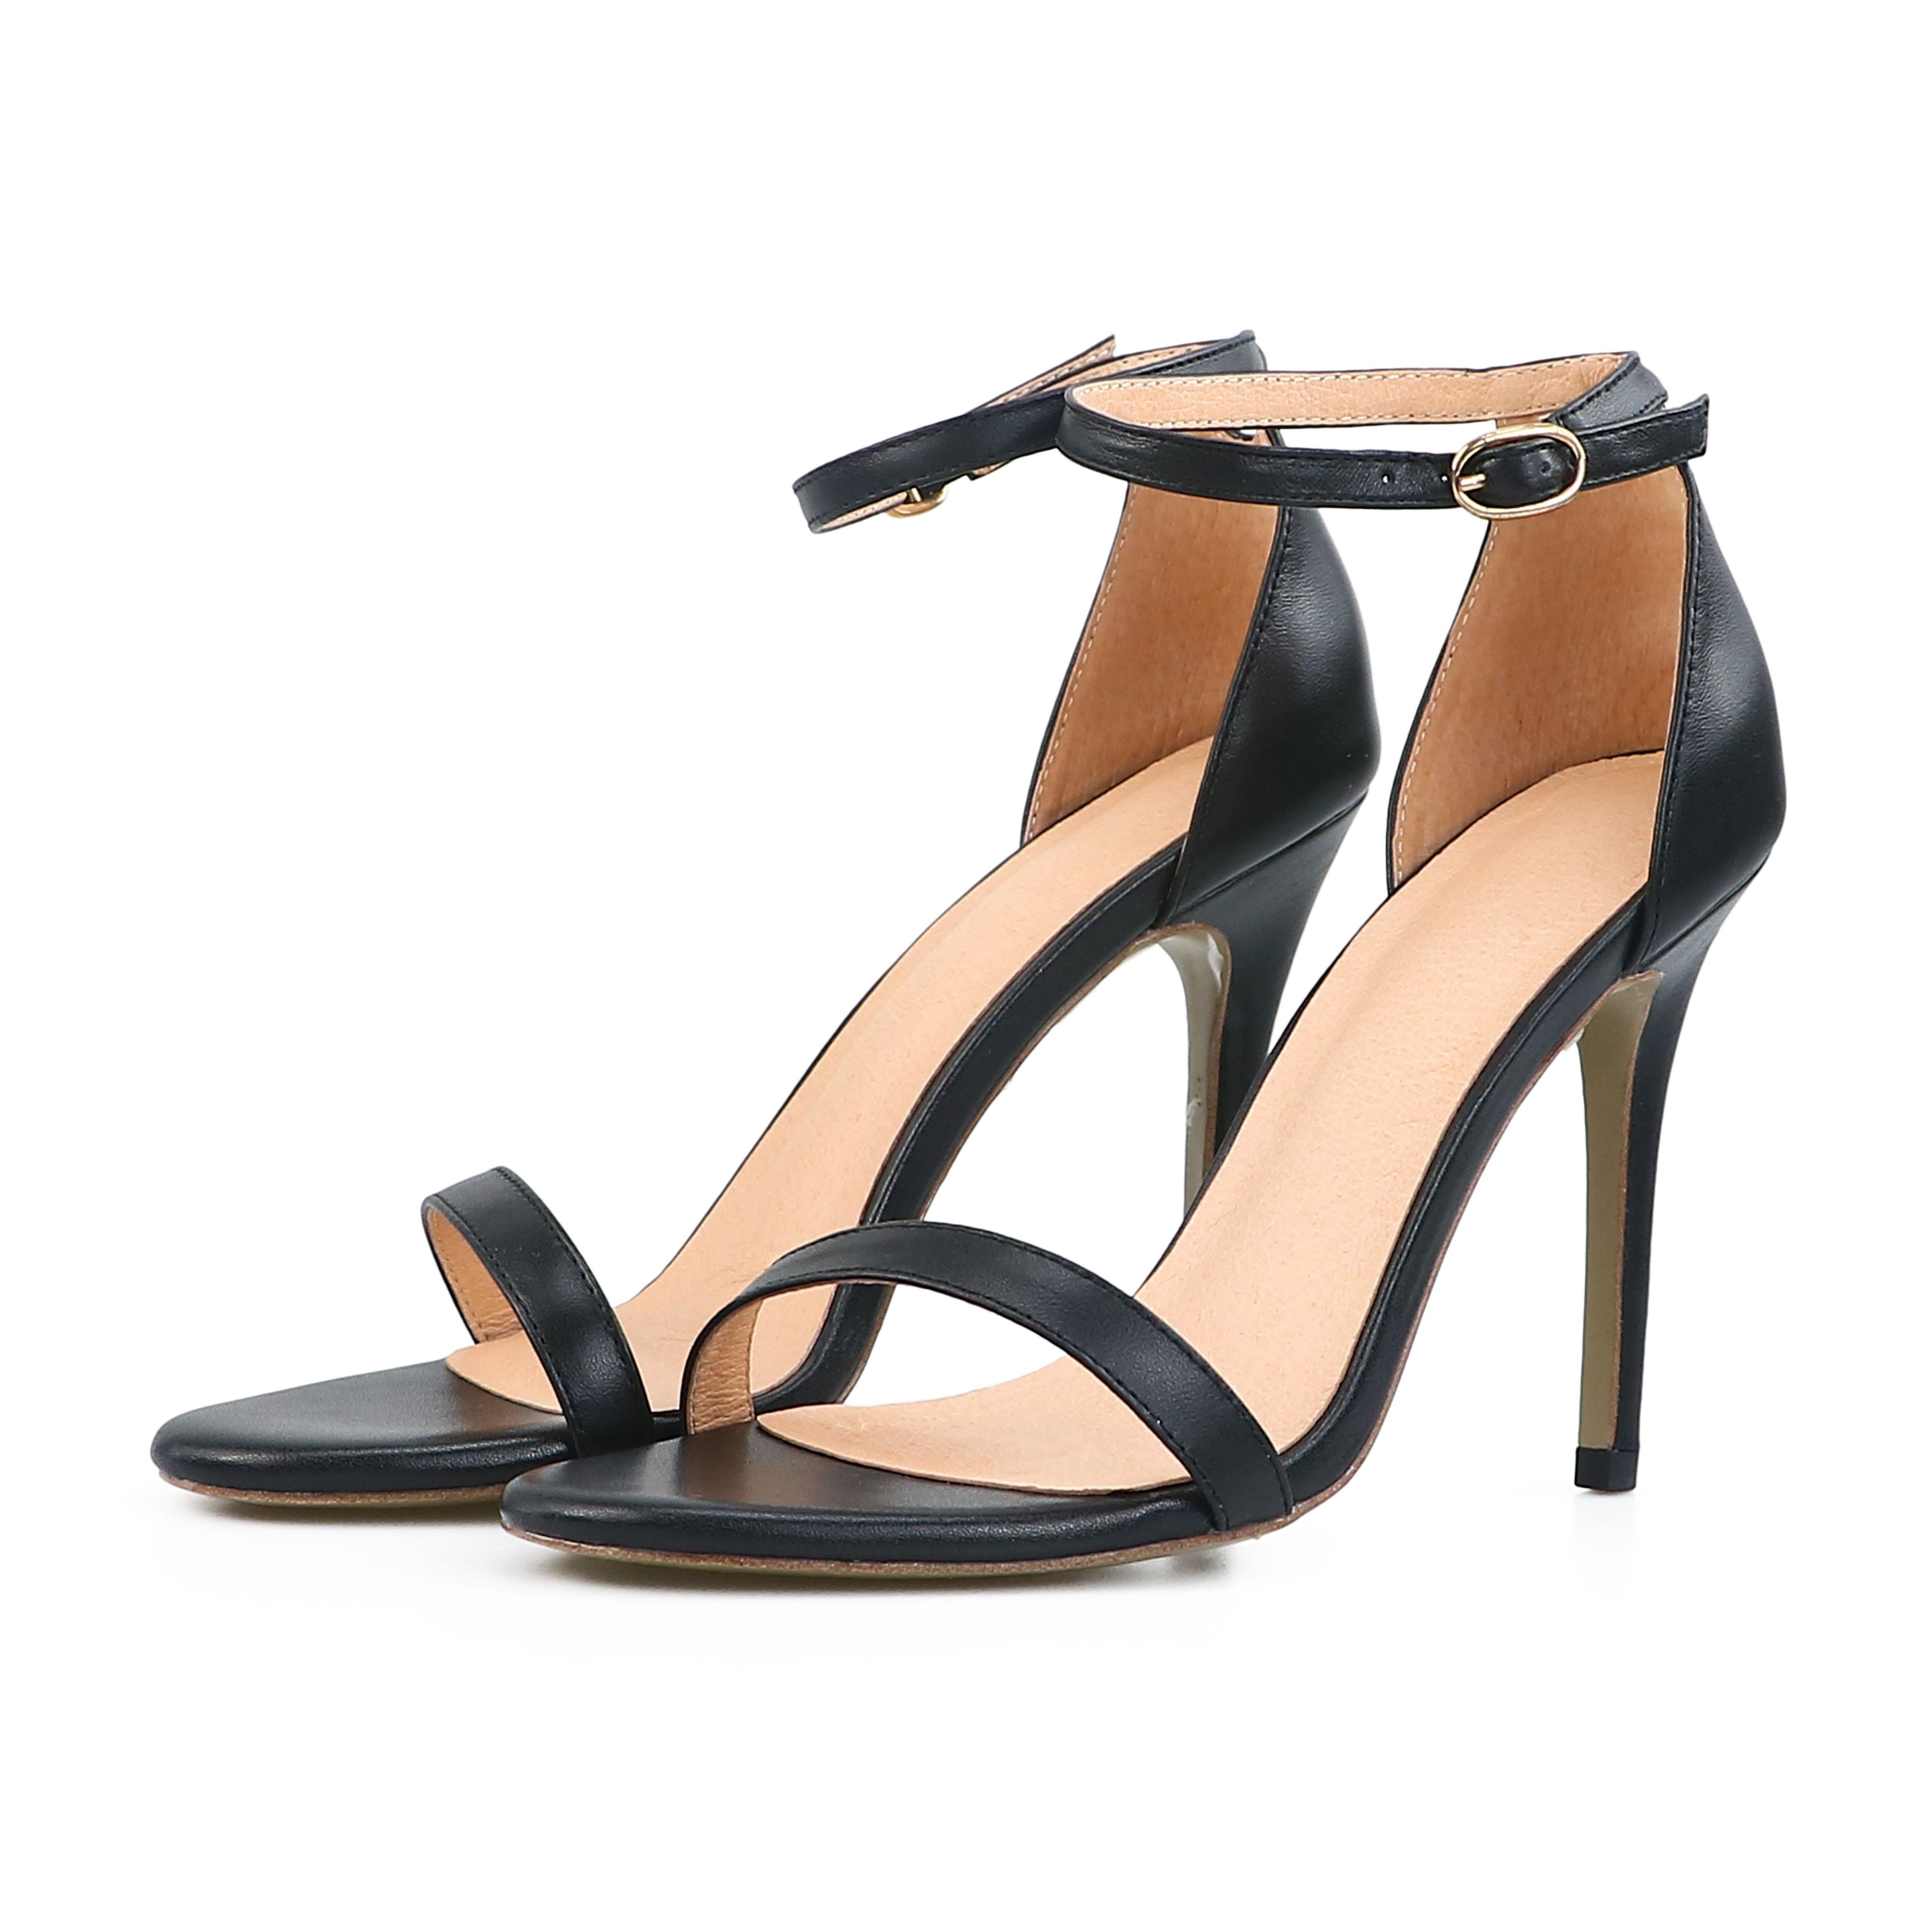 새로운 패션 여성 여름 하이힐 숙녀 섹시한 발가락 샌들 여자 발목 스트랩 Stiletto 샌들 Dropshipping